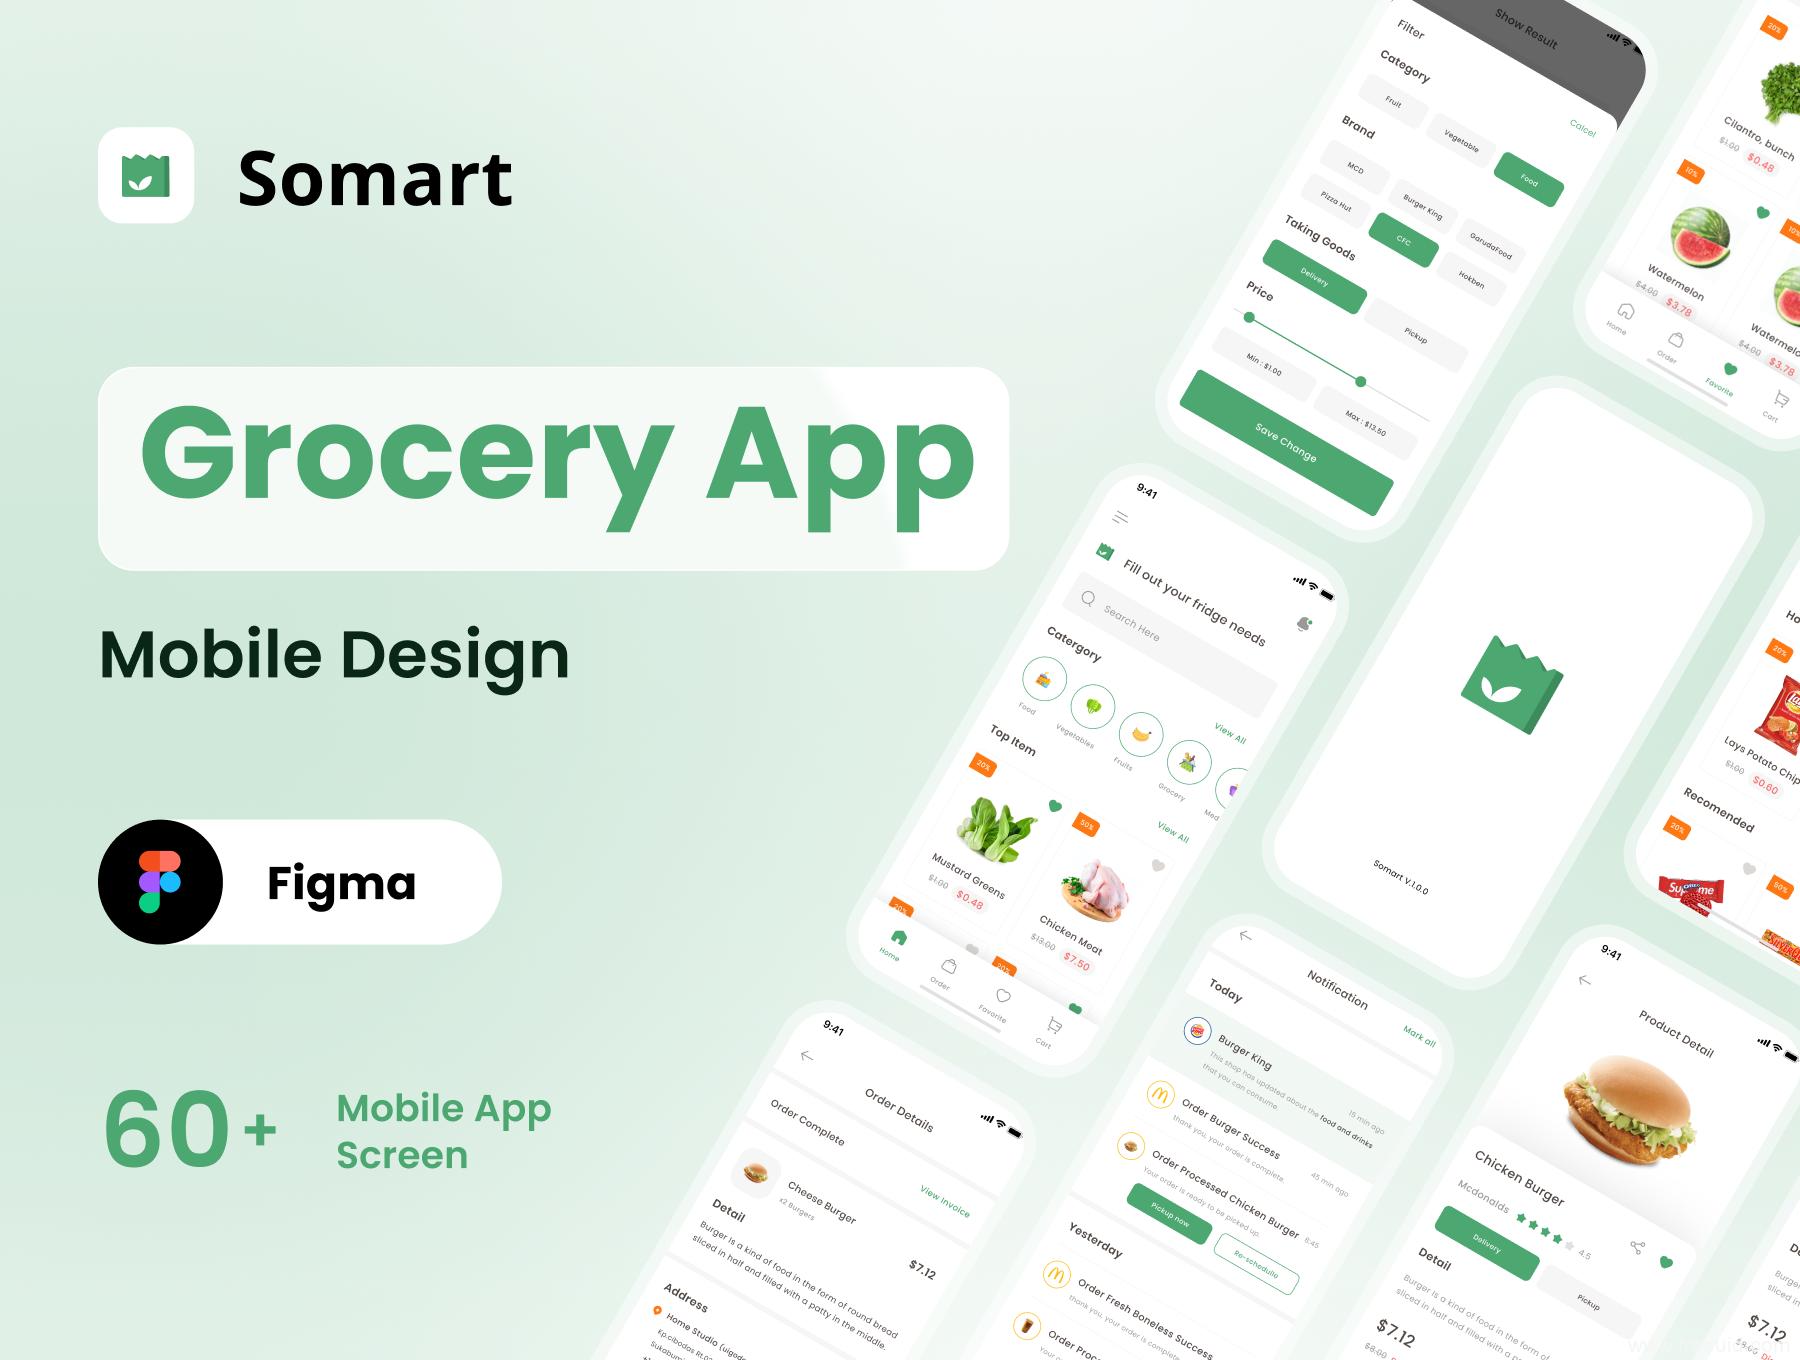 一套生鲜电商app ui界面设计模板下载,买菜app ui源文件,社区电商、社区团购应用UI资源下载